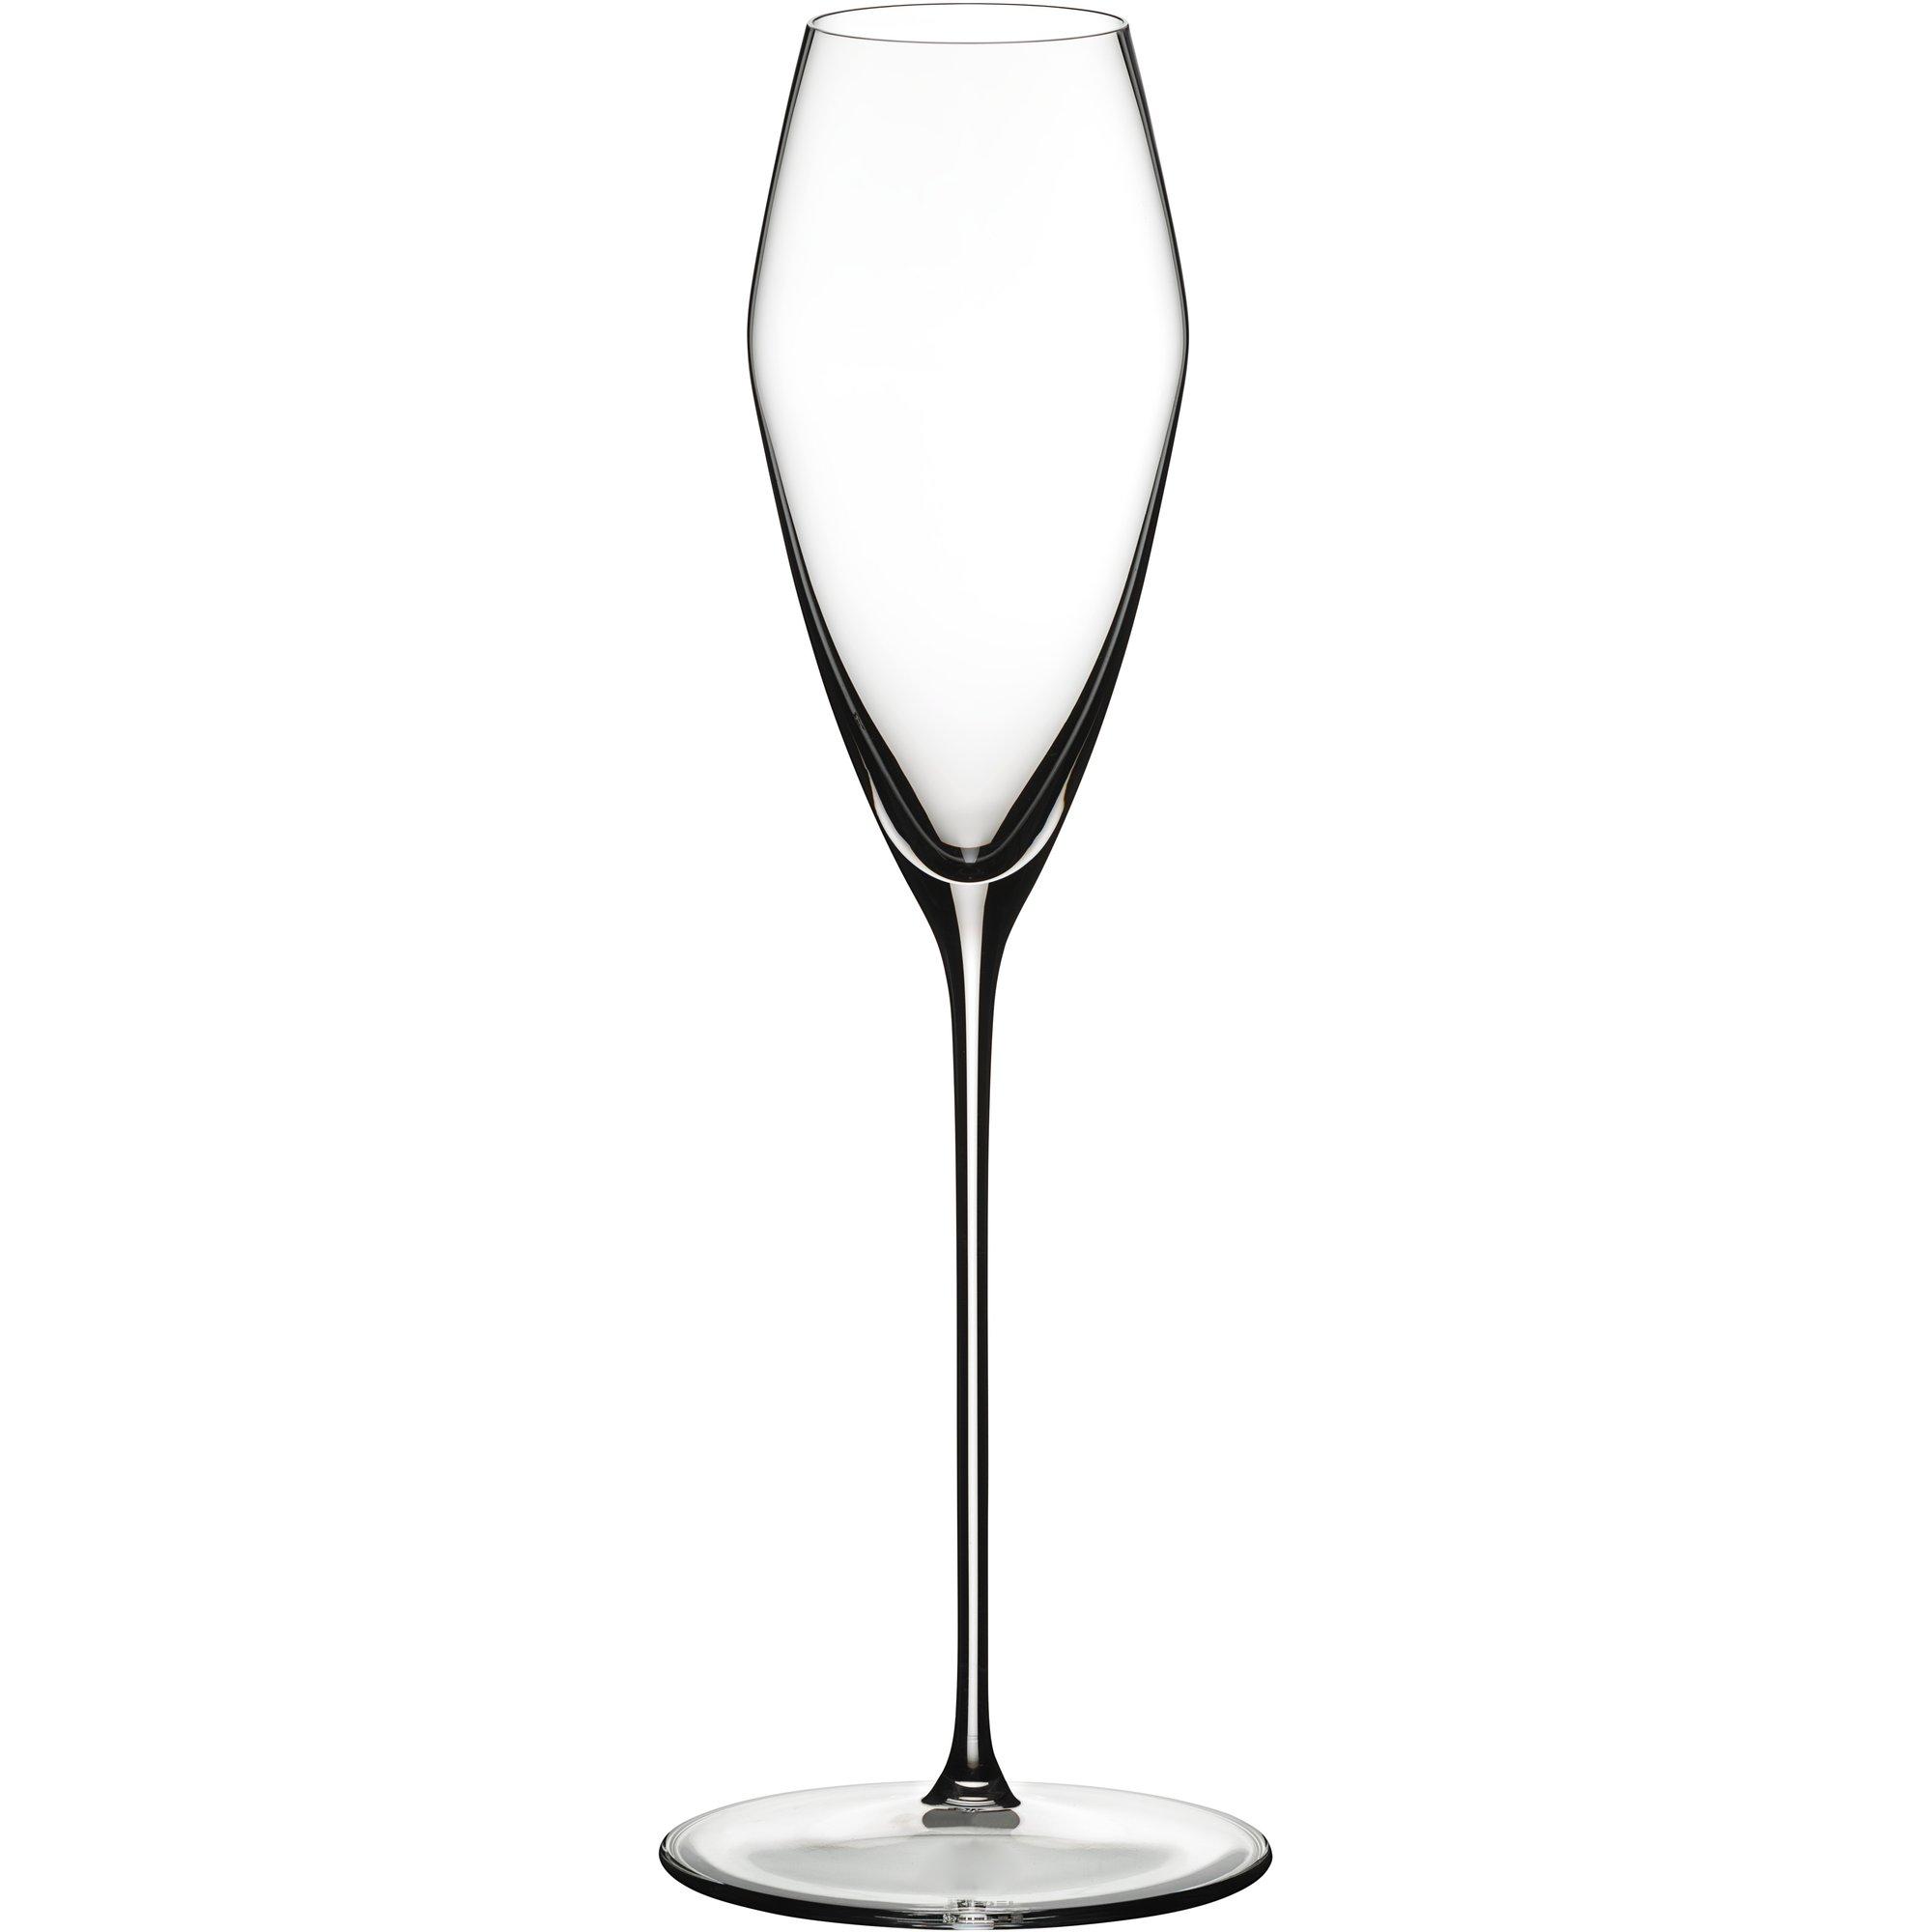 Riedel Max Champagneglas